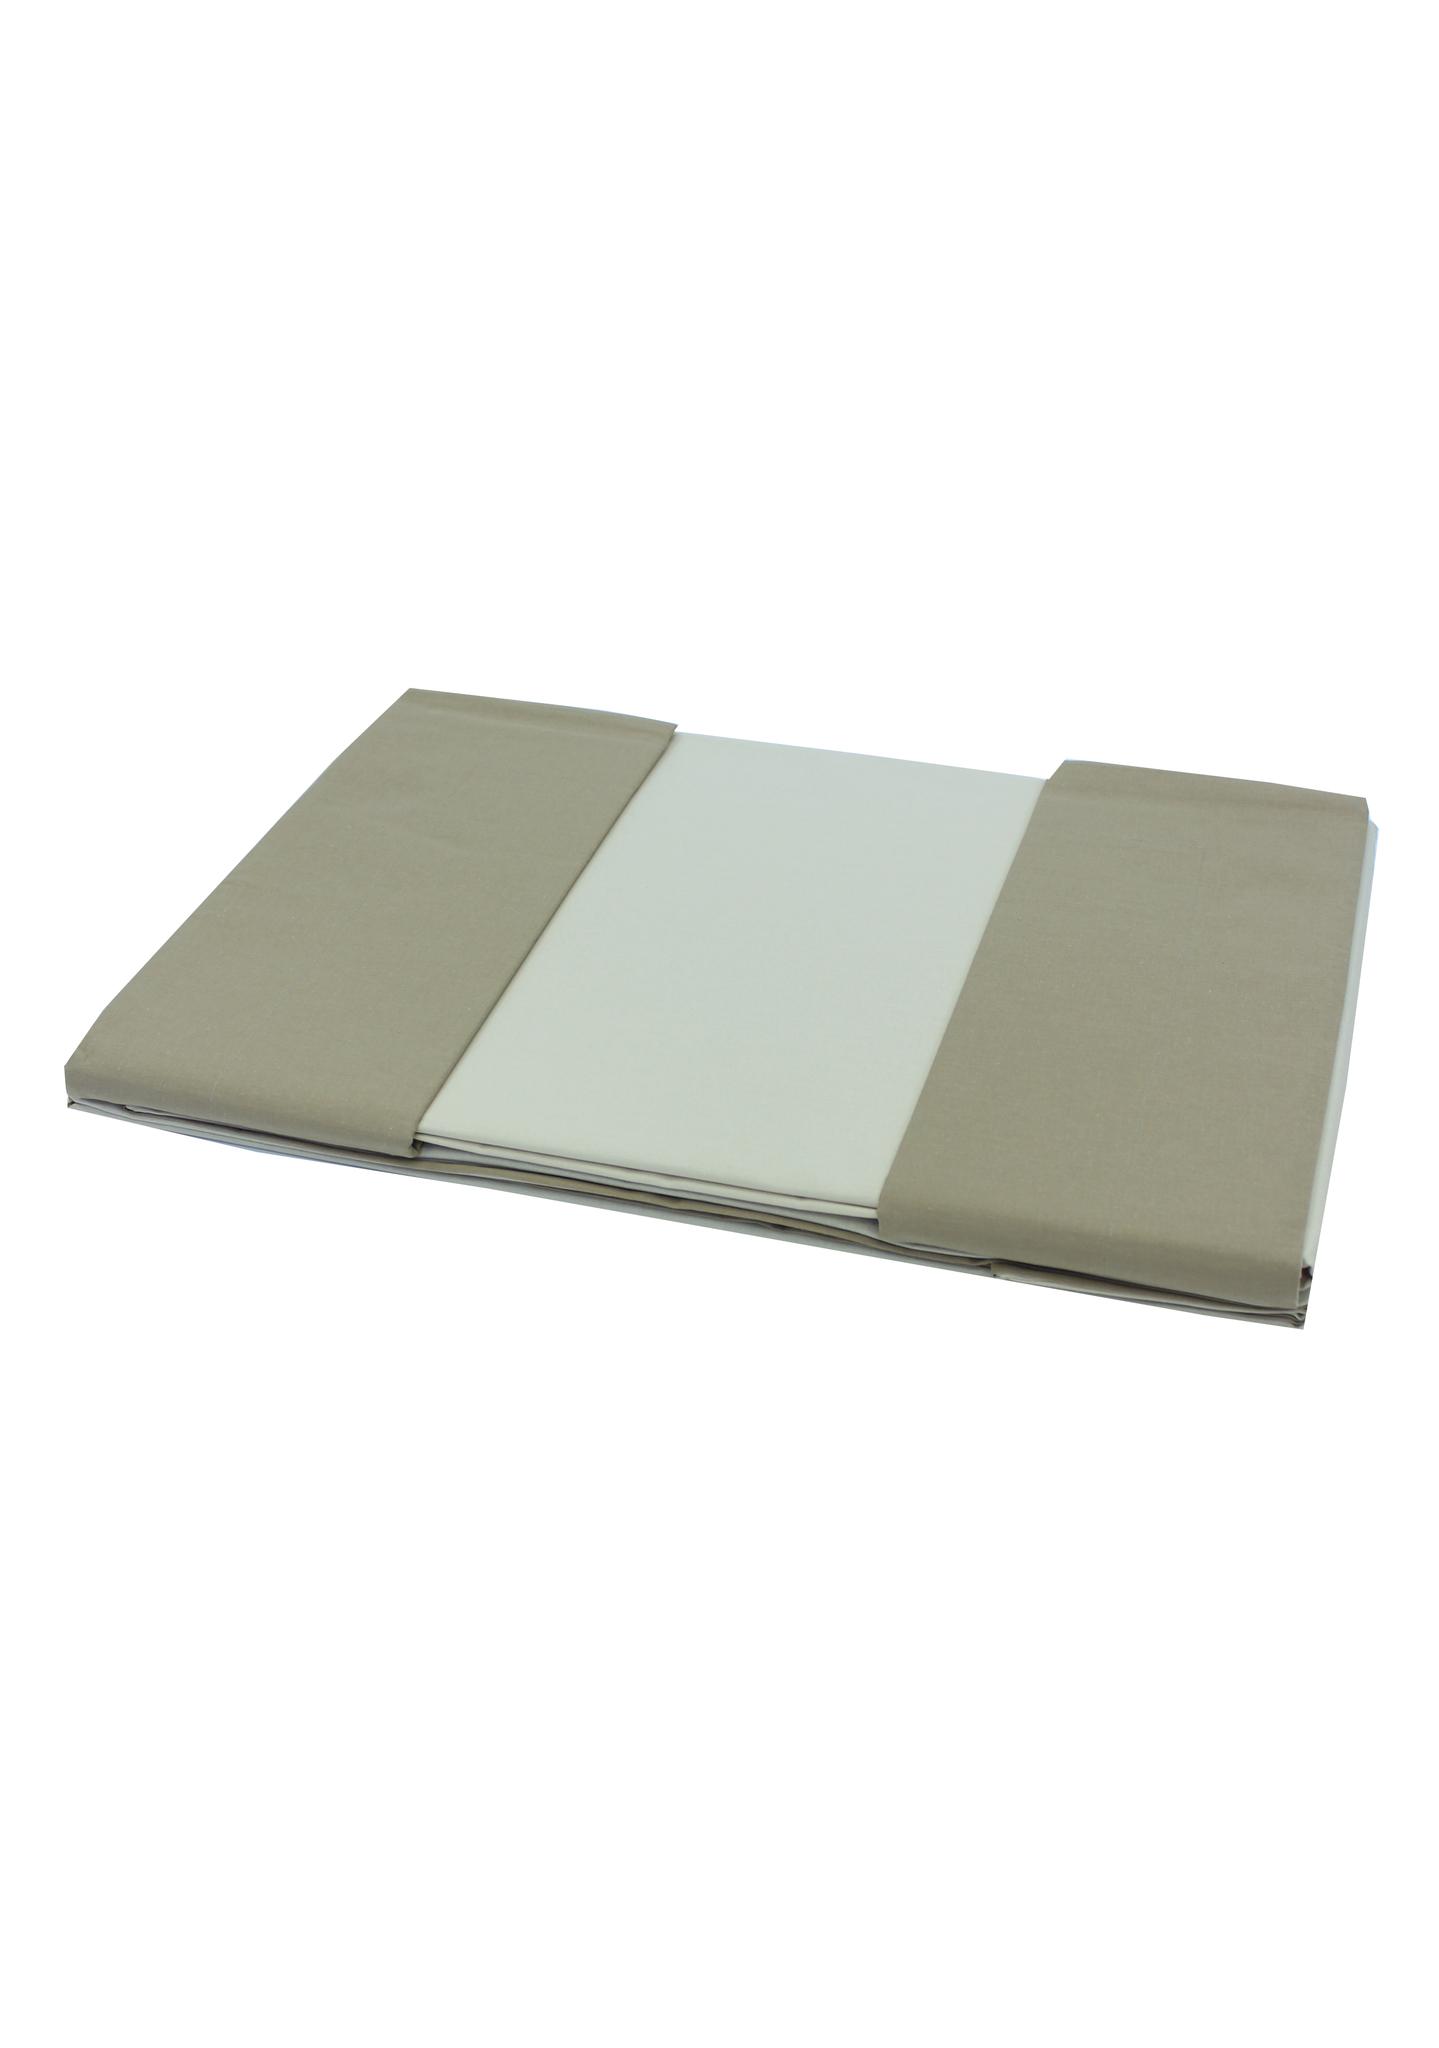 Постельное белье 1.5 спальное Caleffi Bicolor карамель